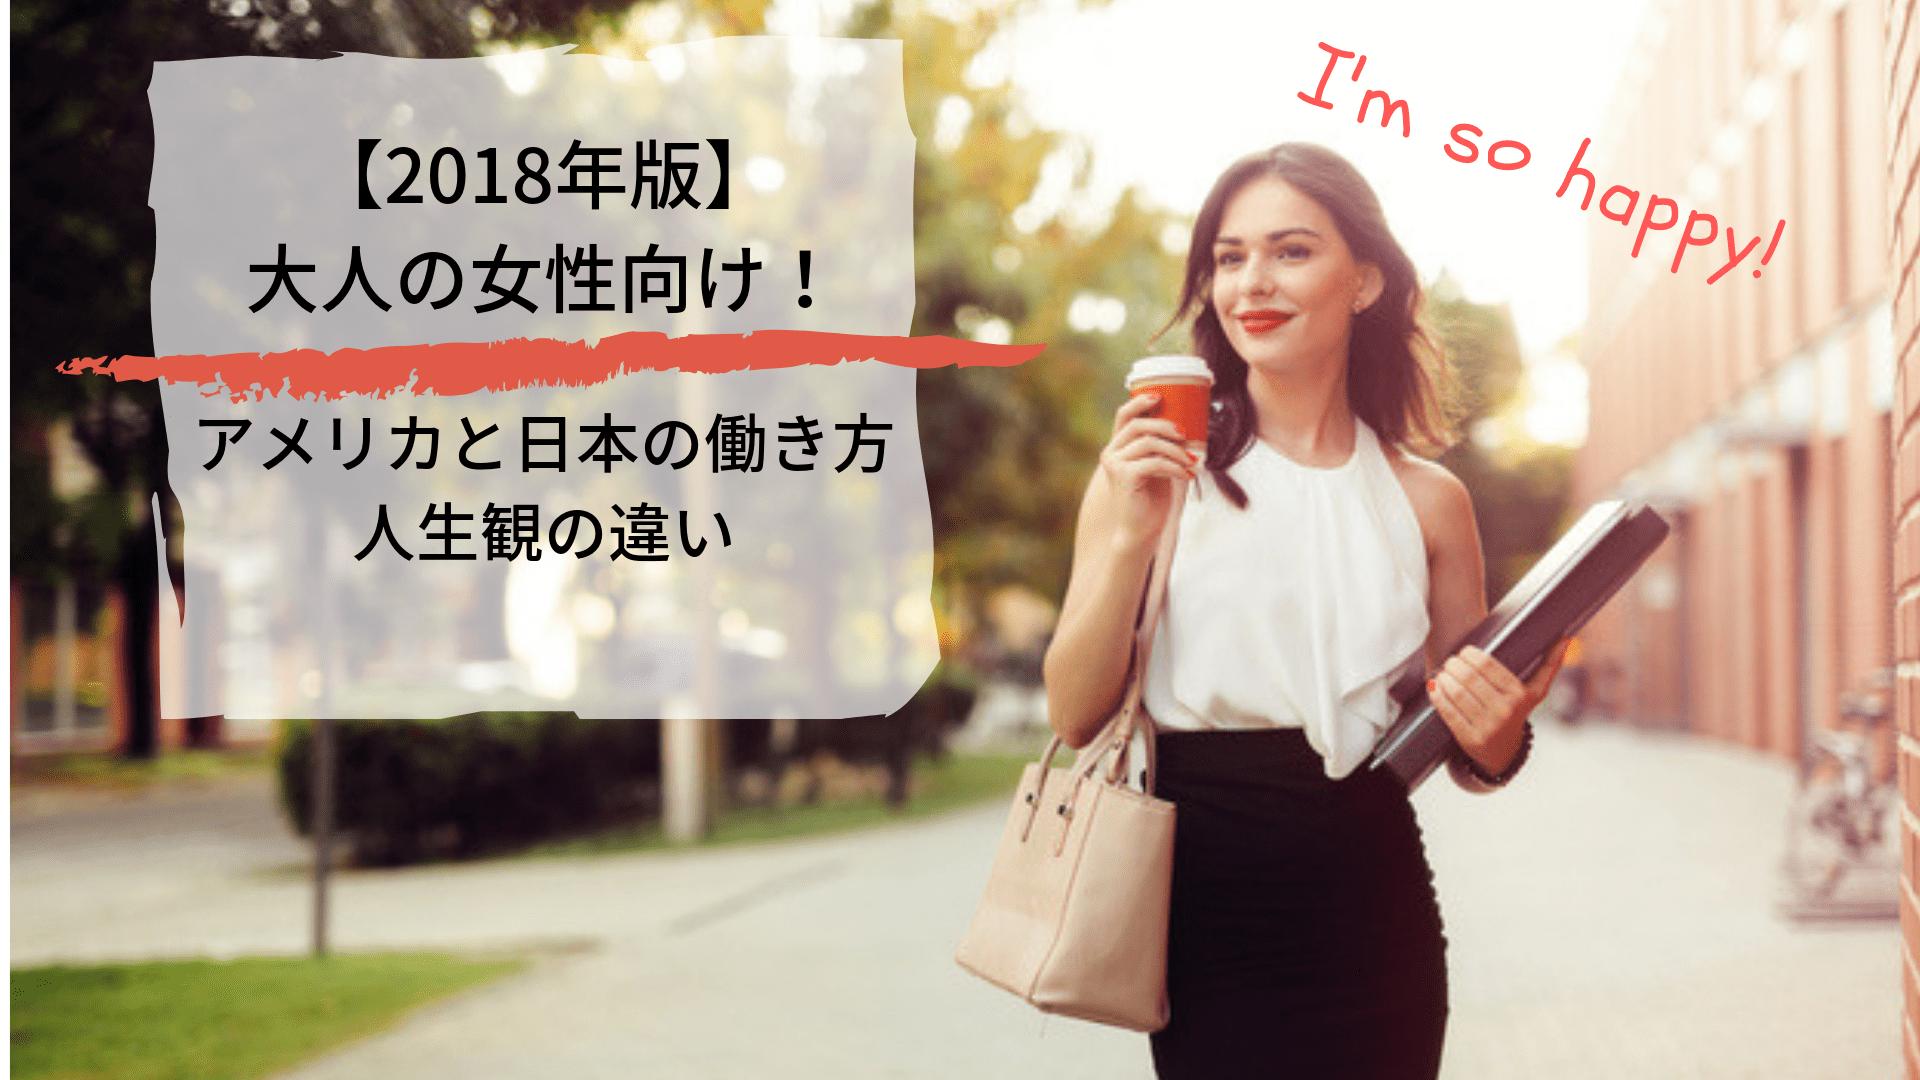 【2018年】大人の女性向け!アメリカと日本の働き方・人生観(考え方)の違い